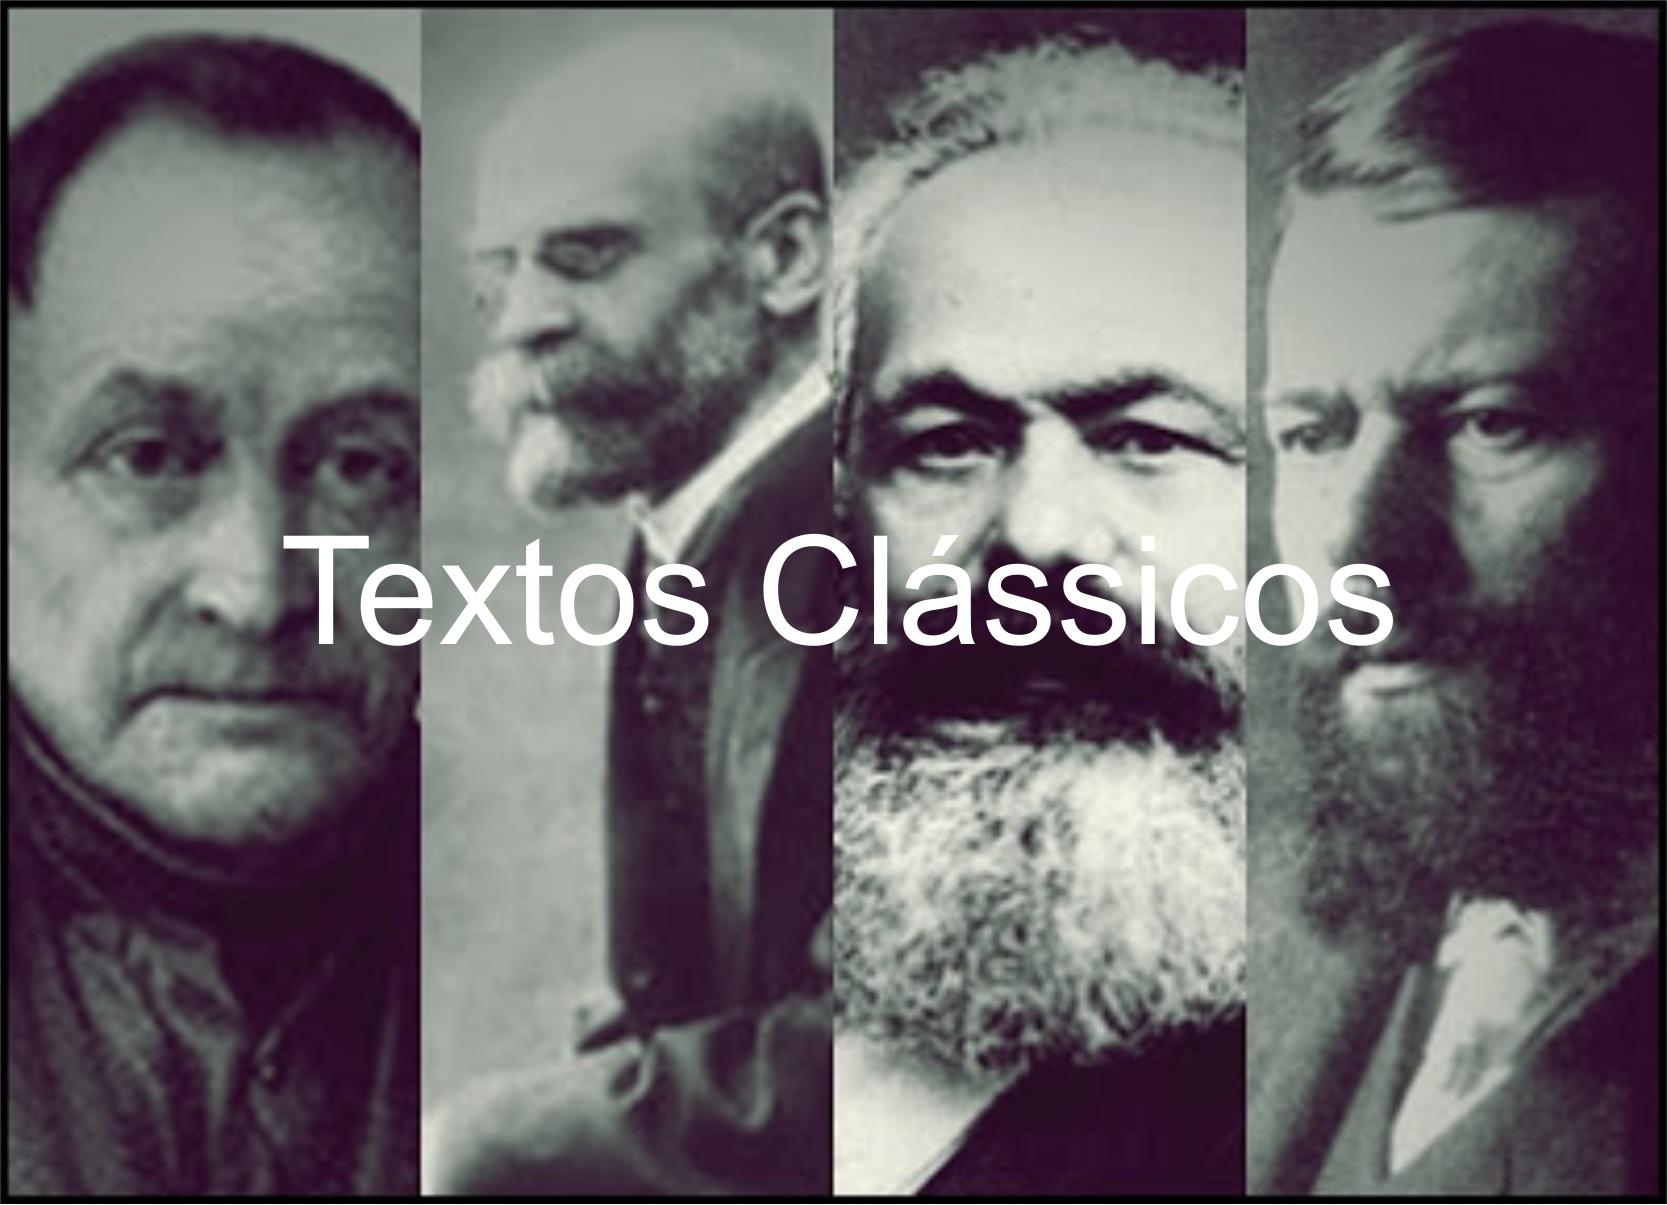 TEXTOS_CLÁSSICOS